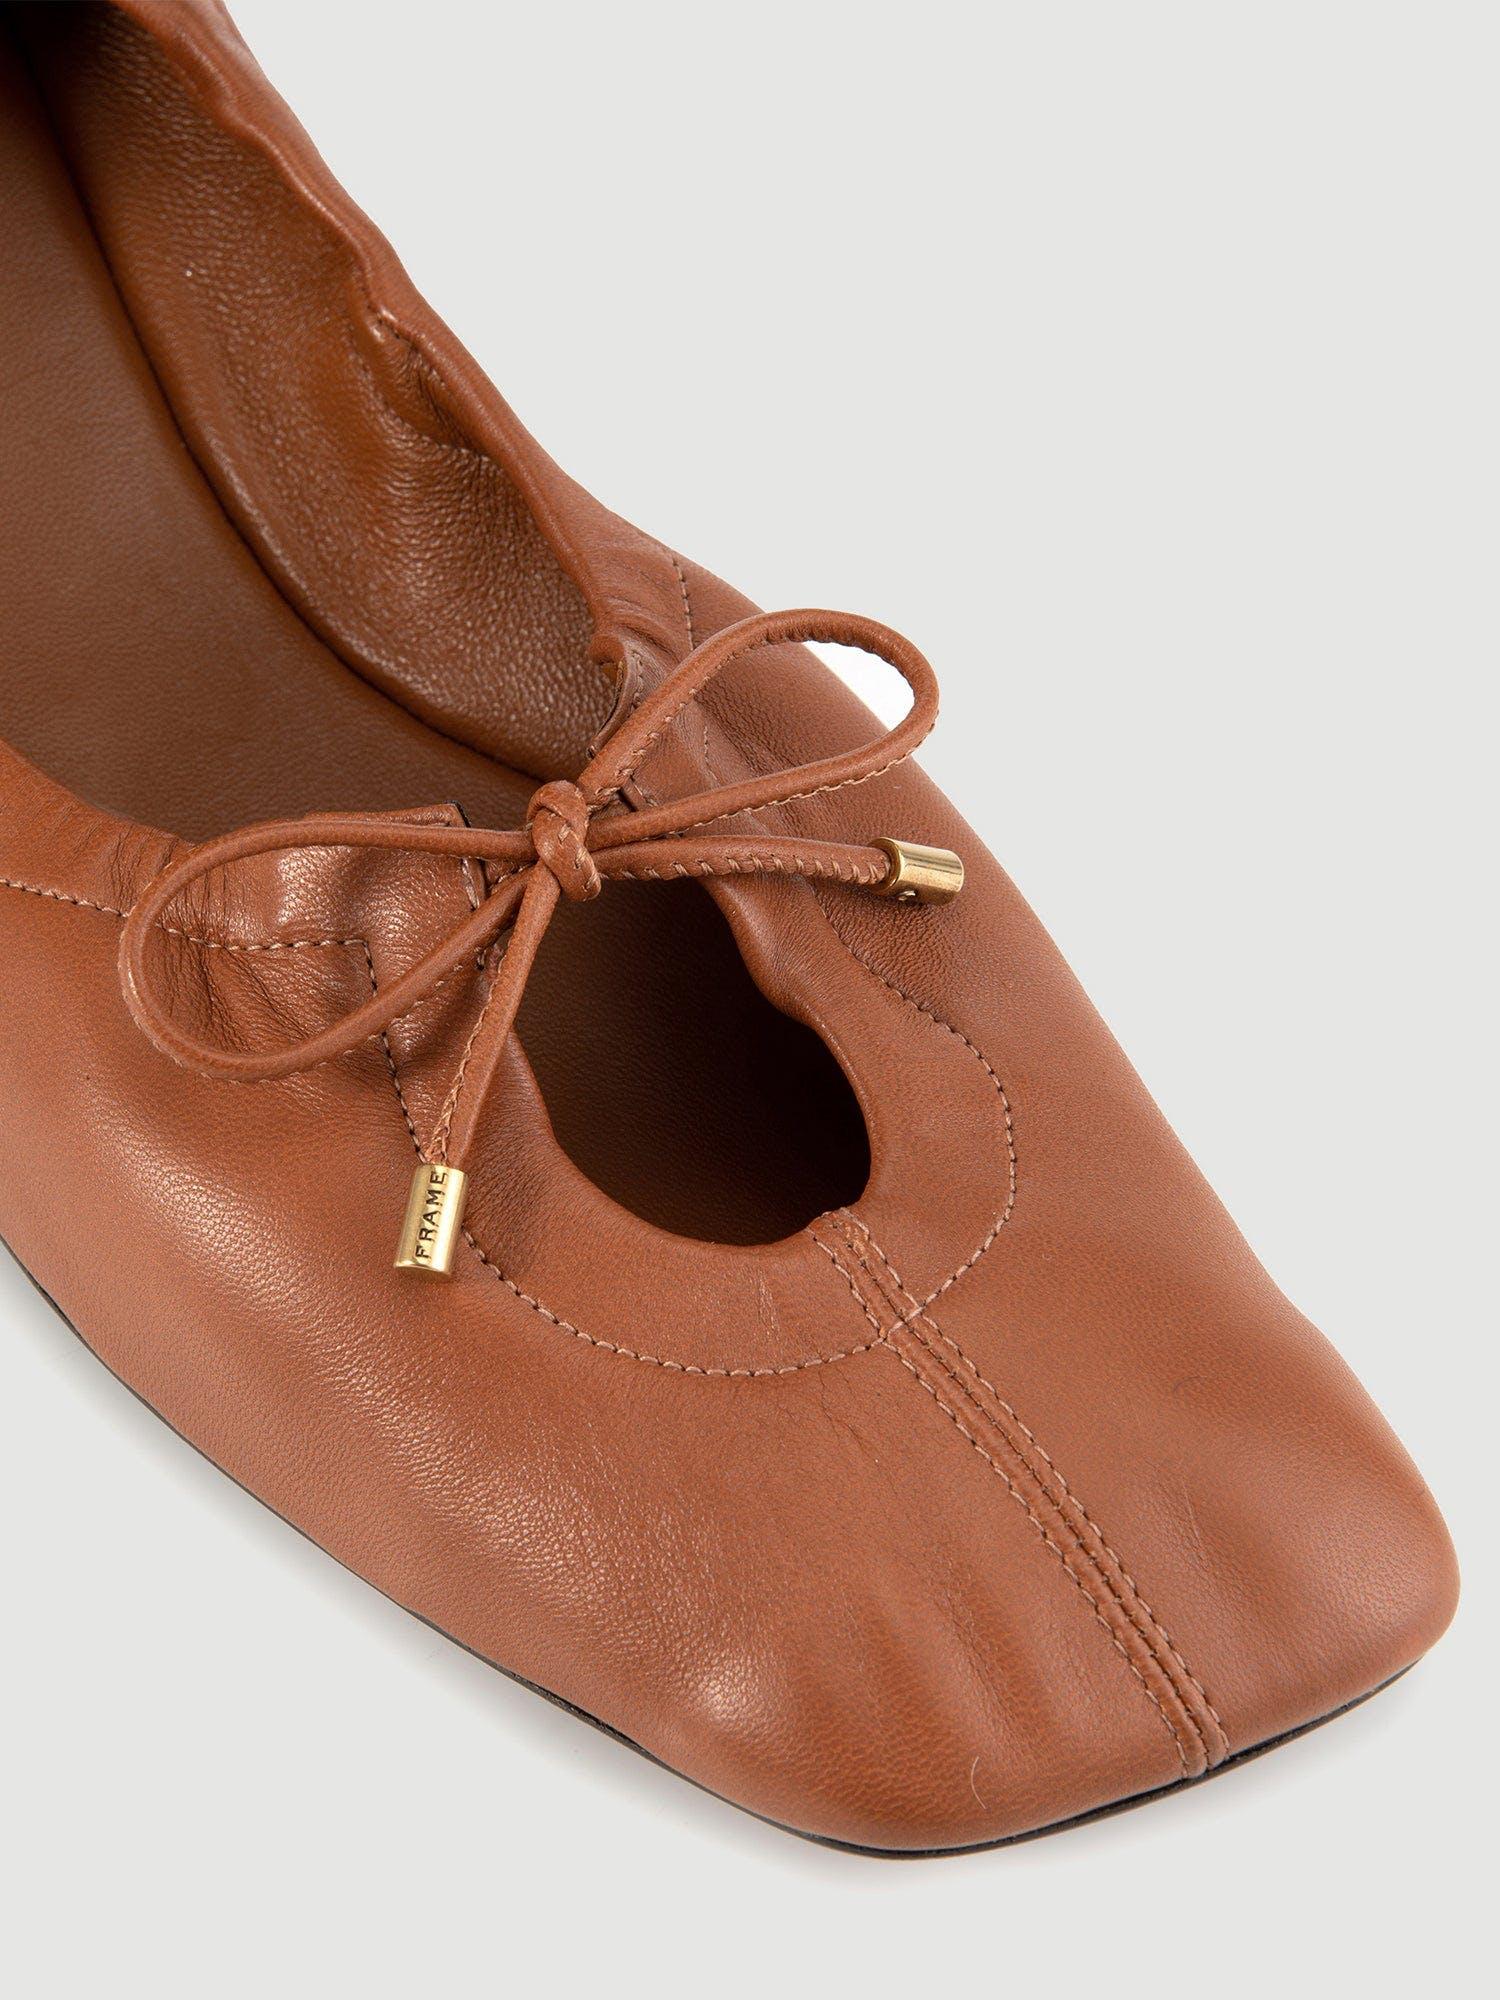 shoe detail view